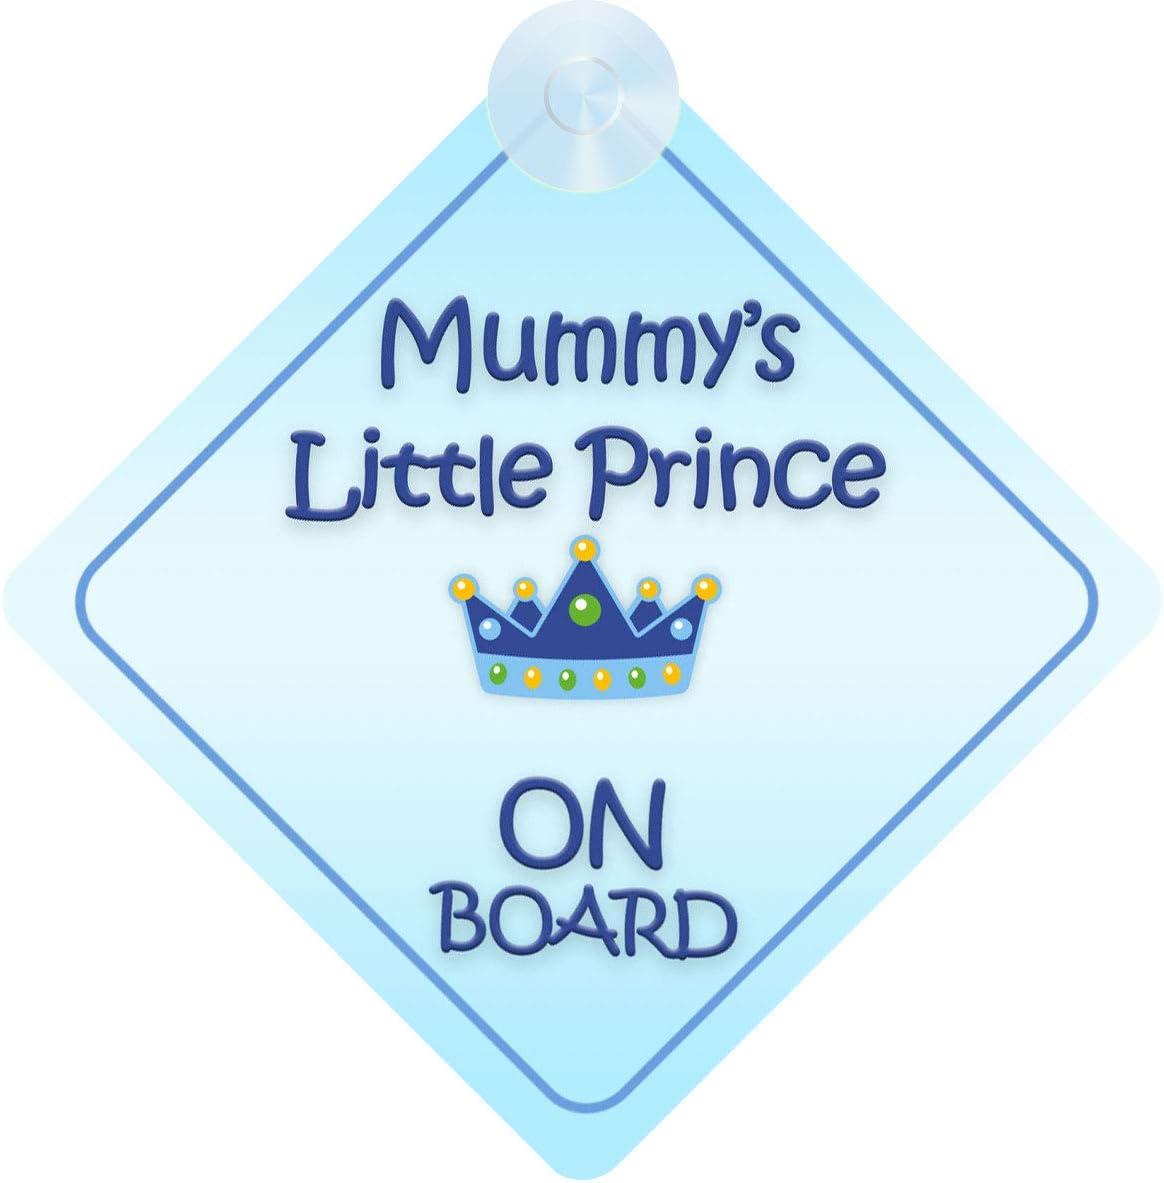 Autoschild Mit Aufschrift Mummy S Little Prince On Board Für Kinder Jungen Nicht Personalisierbar Charaktermotiv Auto